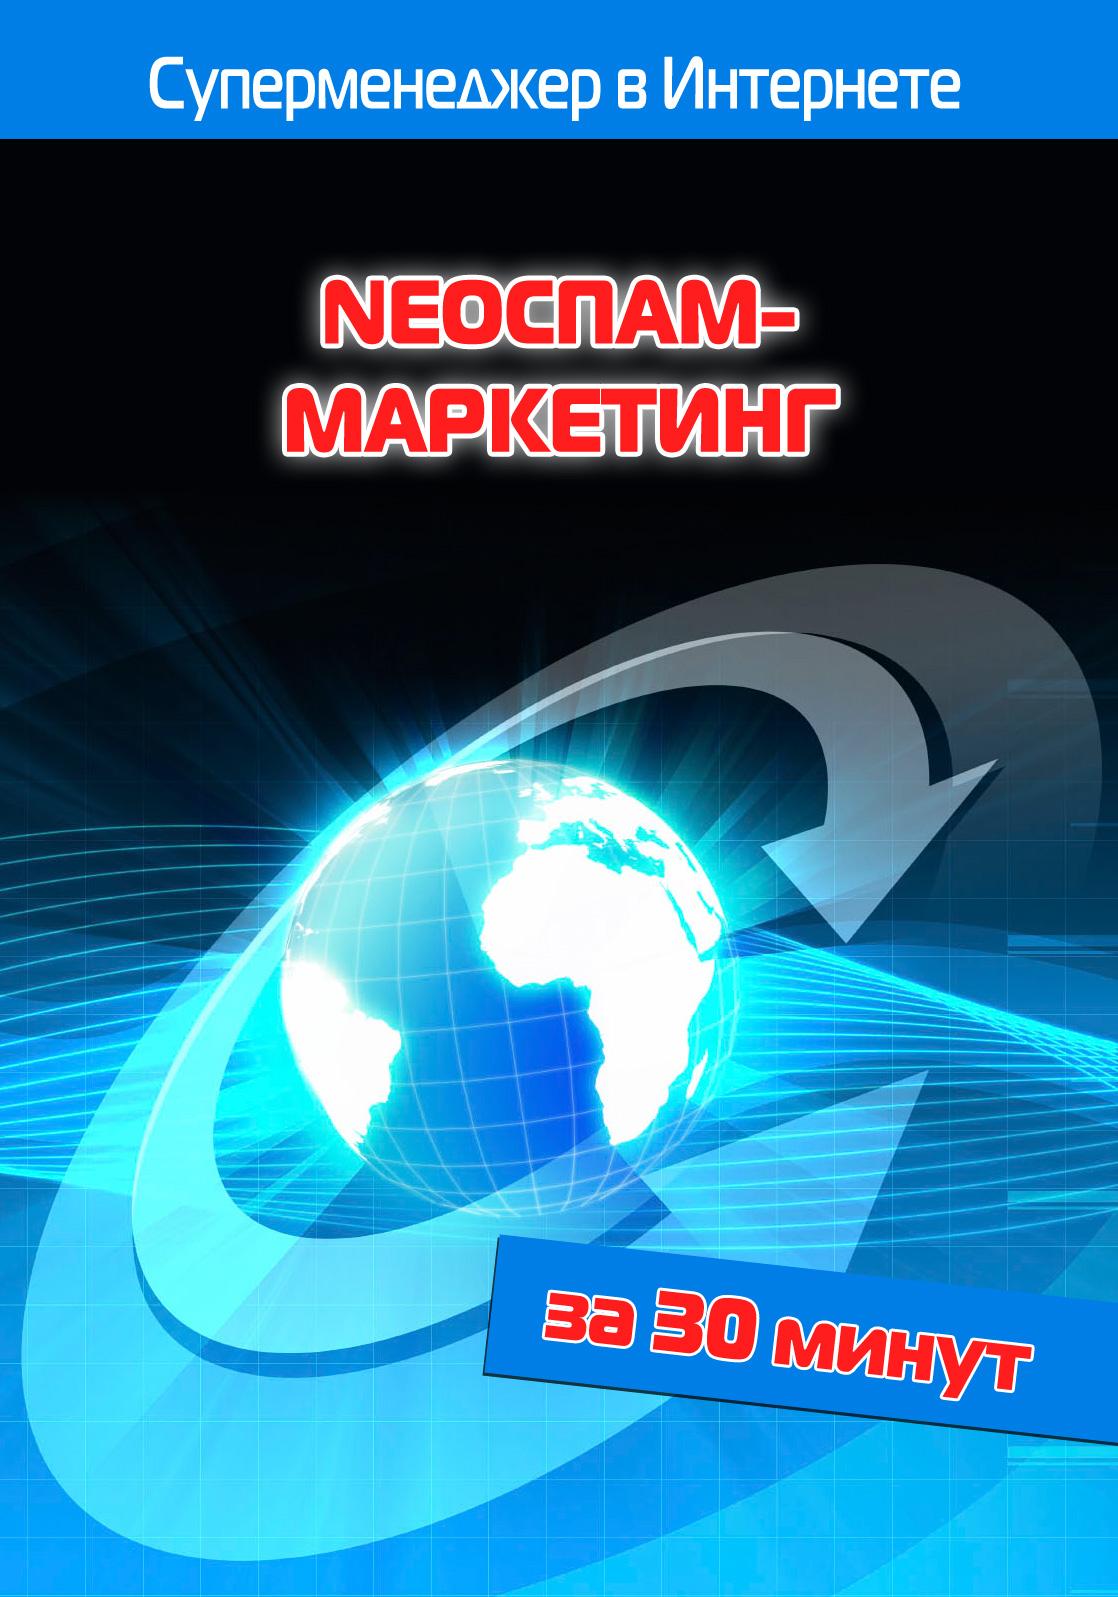 Илья Мельников NEOСПАМ-маркетинг демин д e mail маркетинг как привлечь и удержать клиентов